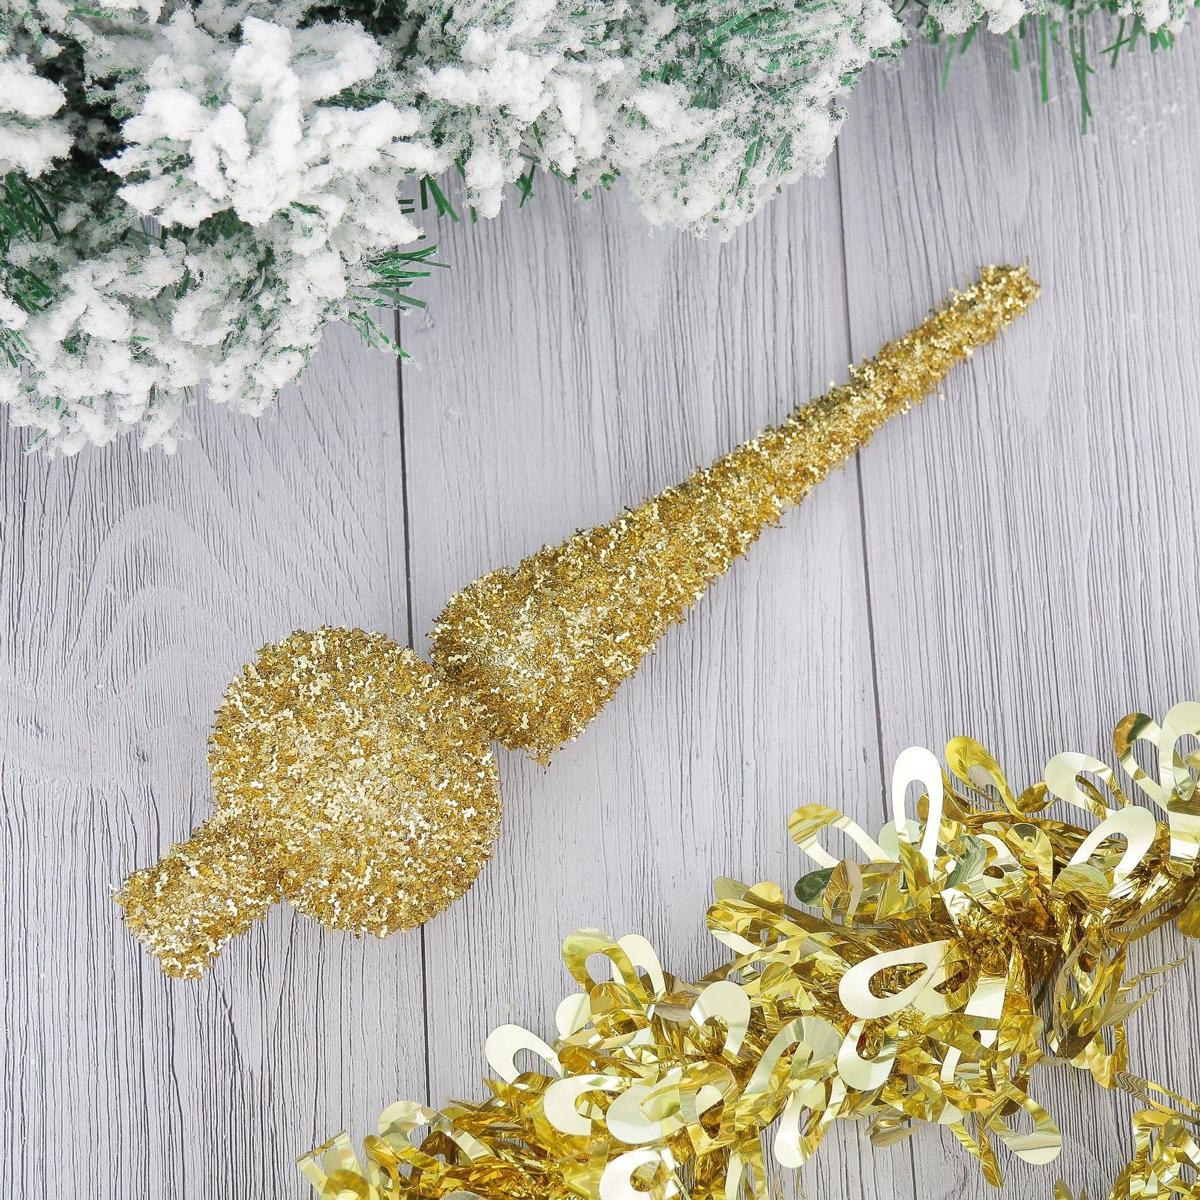 Верхушка на елку Золотой пух, 5,5 х 23 см2371122Верхушка на елку выполнена из высококачественного пластика. Изделие будет прекрасно смотреться на новогодней елке. Верхушка на елку - одно из главных новогодних украшений лесной красавицы. Она принесет в ваш дом ни с чем не сравнимое ощущение праздника! Новогодние украшения несут в себе волшебство. Они помогут вам украсить дом к предстоящим праздникам и оживить интерьер по вашему вкусу. Создайте в доме атмосферу тепла, веселья и радости, украшая его всей семьей.